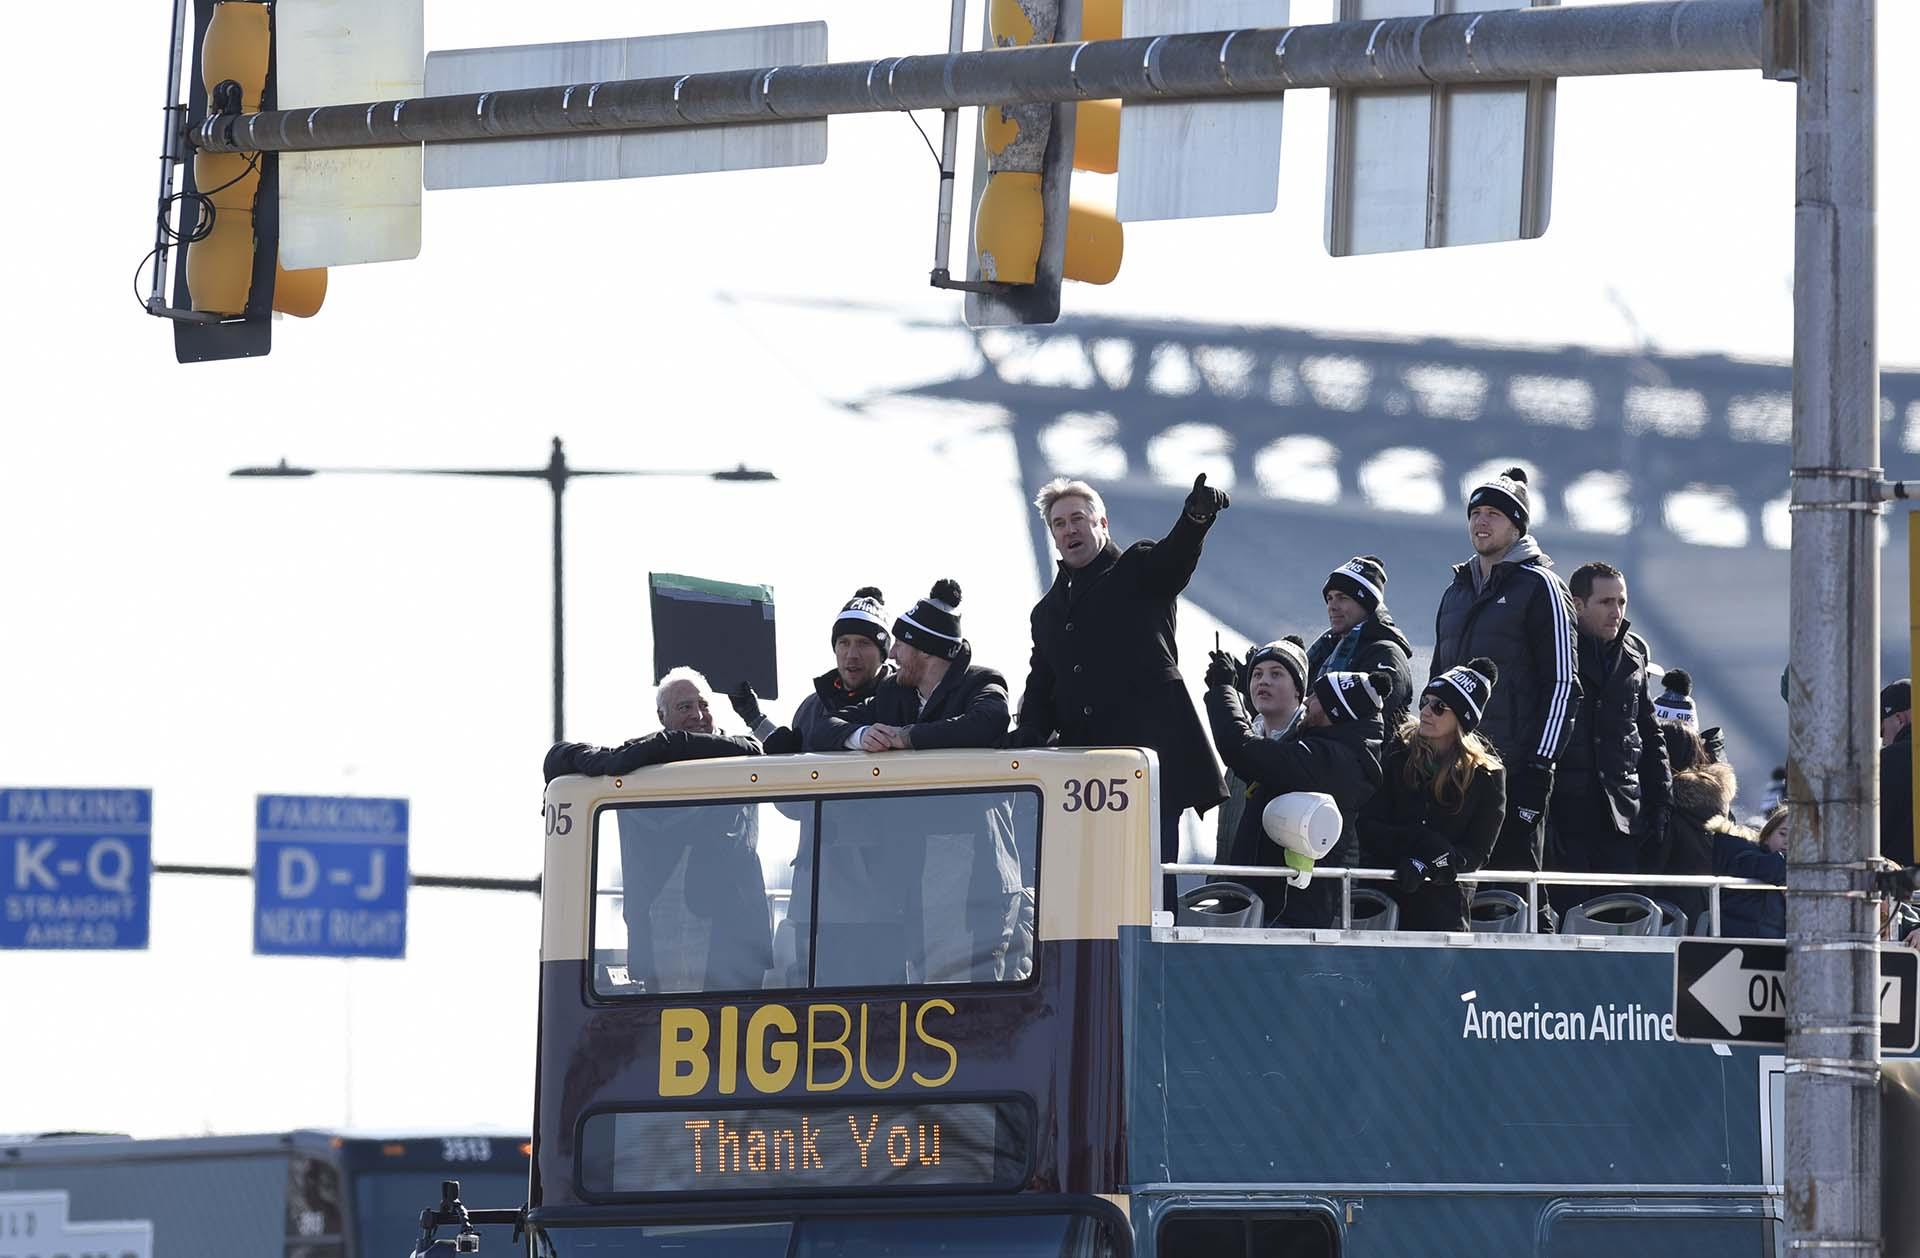 Junto a Lurie, en el mismo autobús que encabezó el desfile, también se encontraban los mariscales de campo Nick Foles, Carson Wentz y Nate Sudfeld